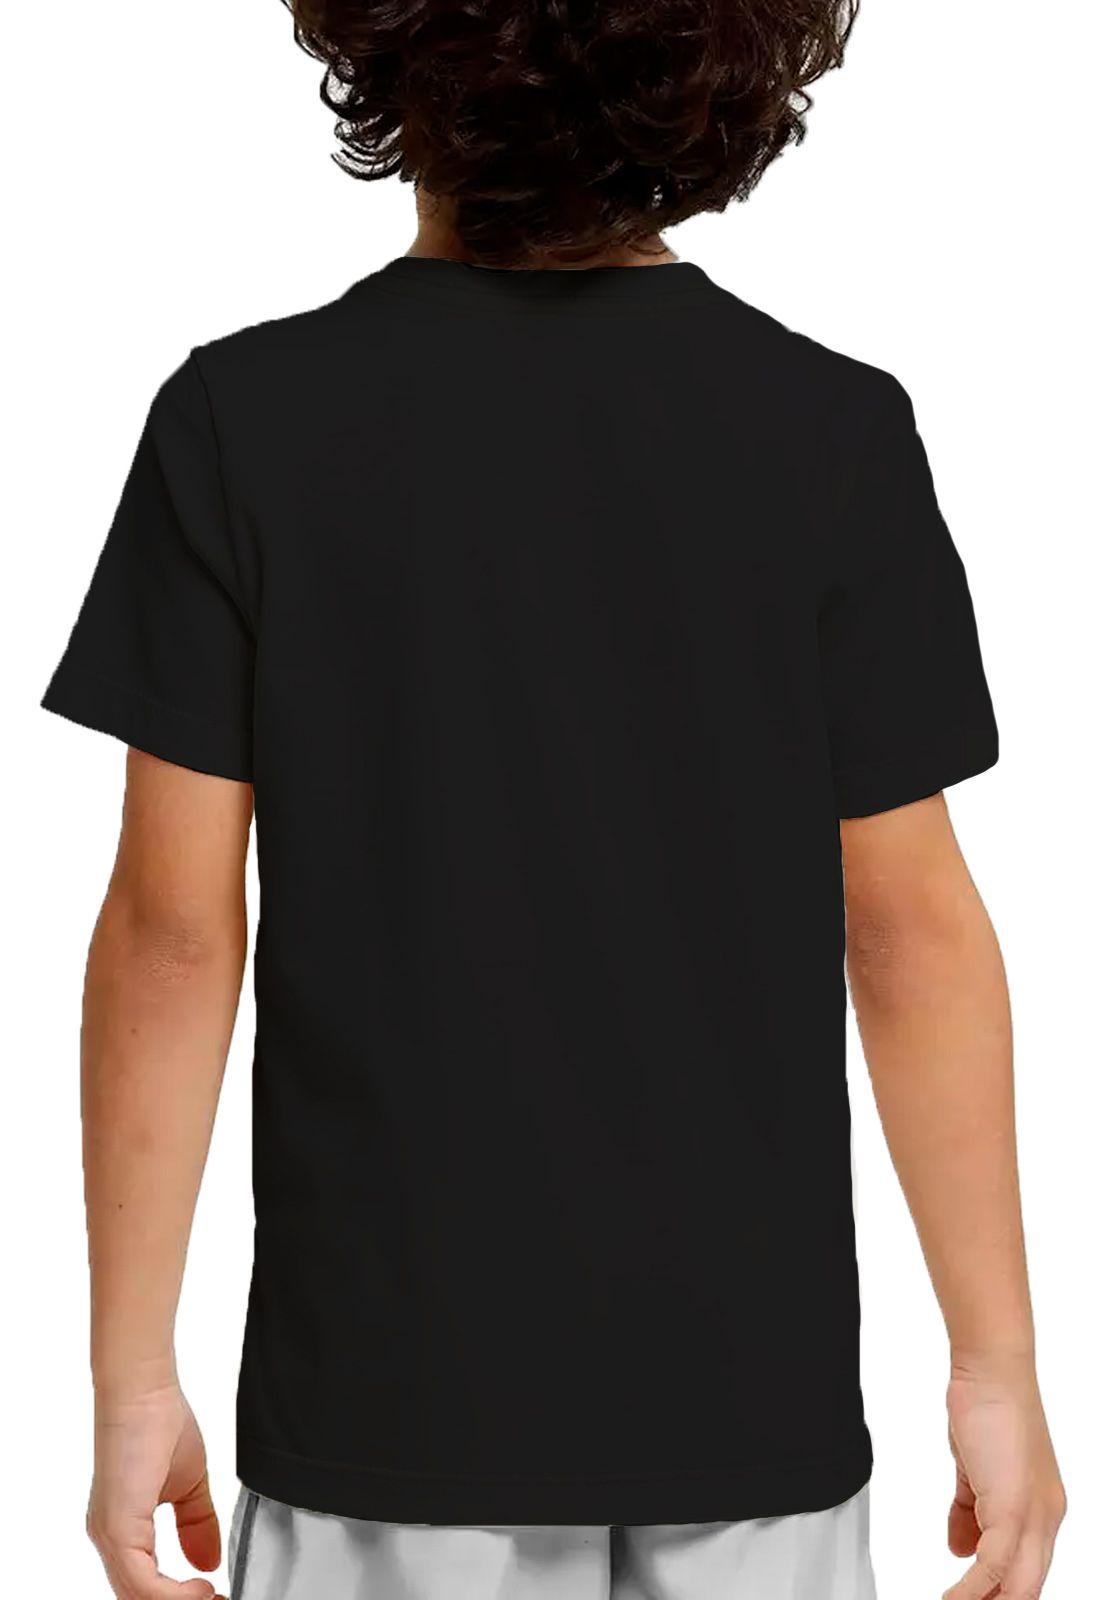 Camiseta Amazônia Adolescente Básica - Preto